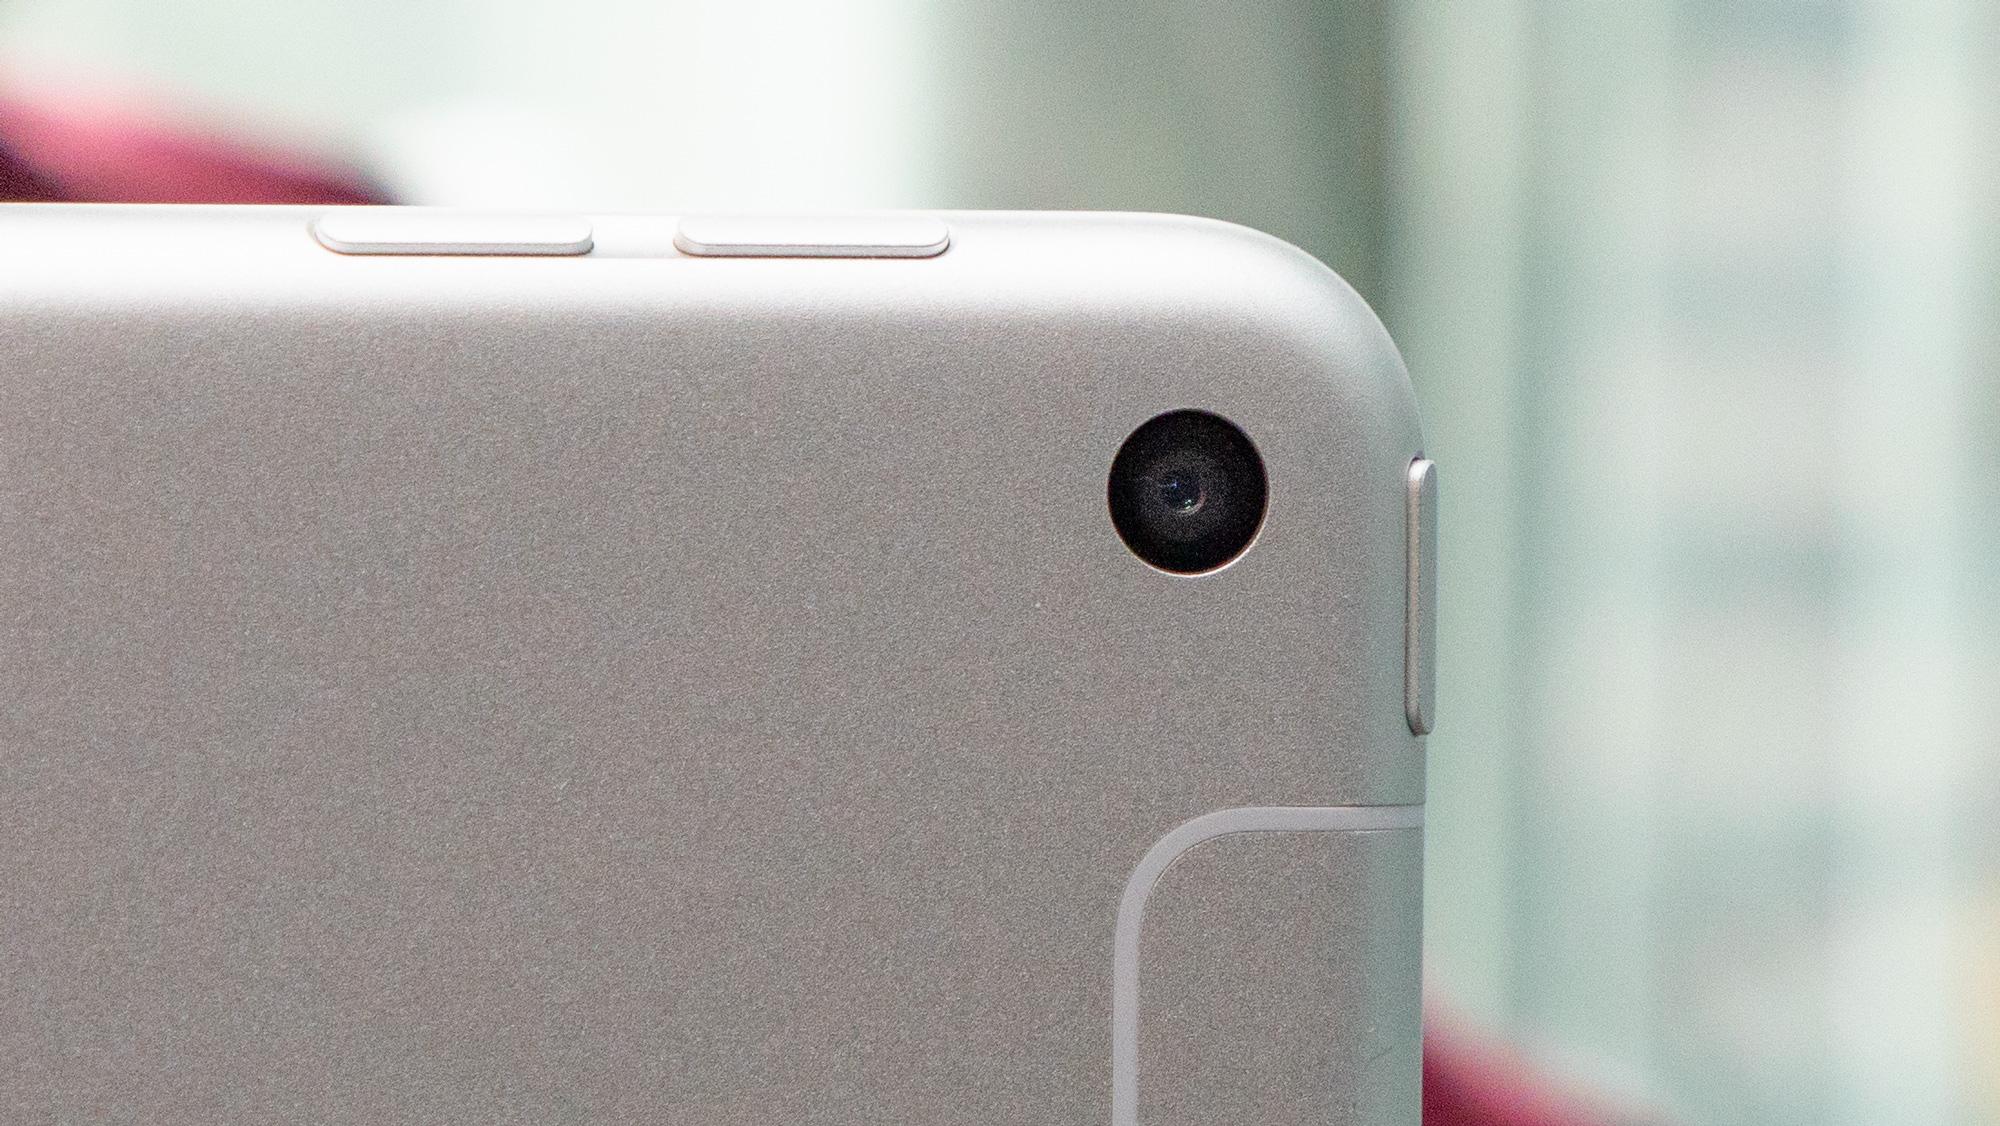 A close-up of the iPad mini (2019)'s camera